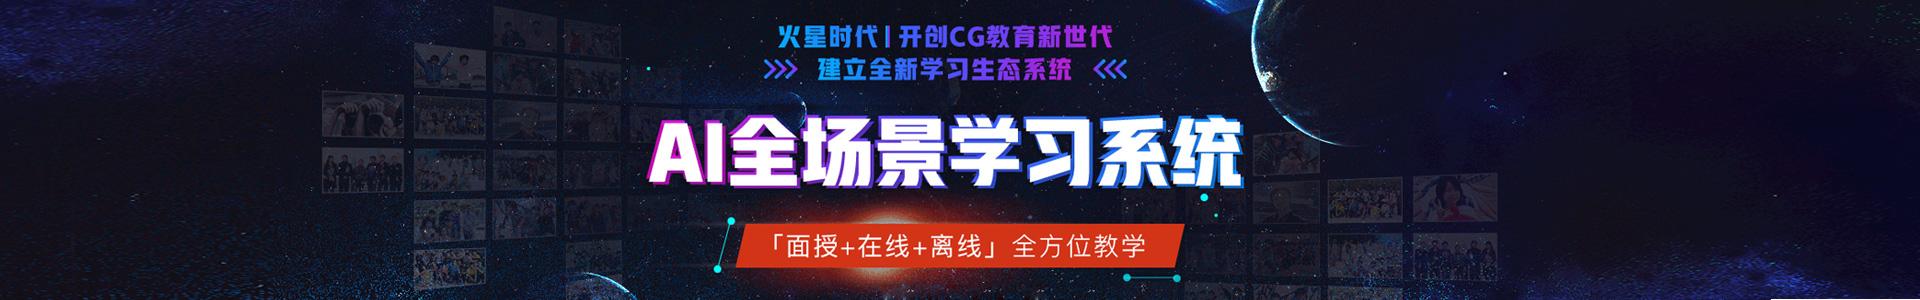 广州火星时代设计培训学院